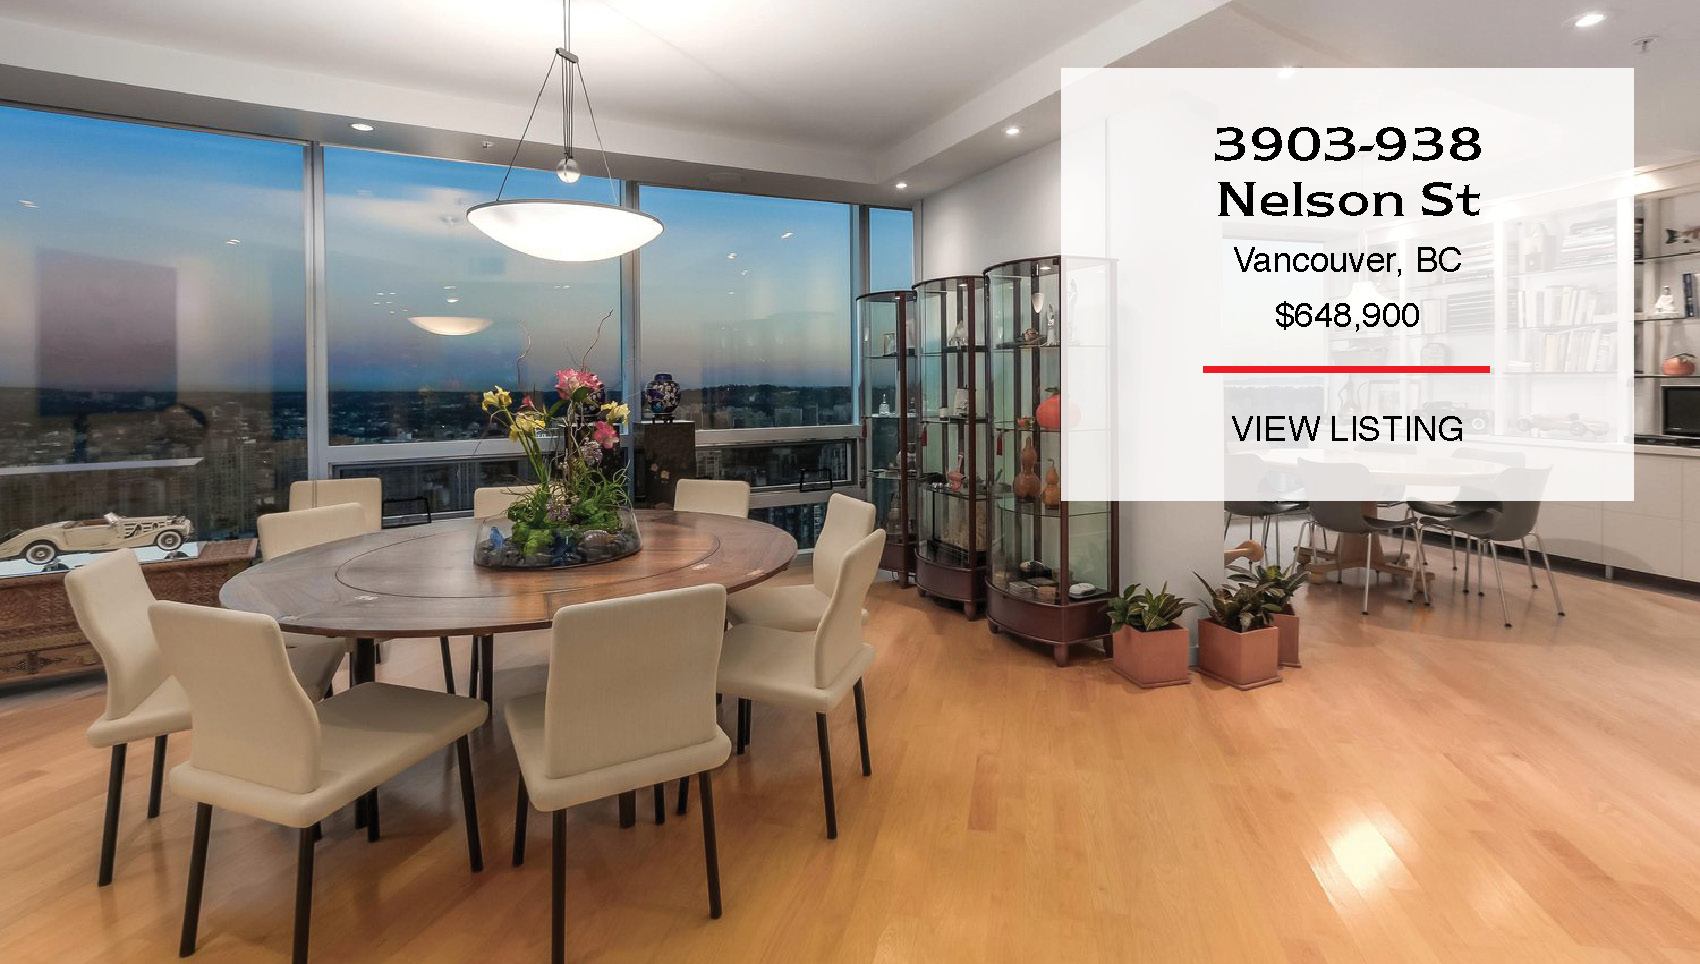 3902-938 Nelson St